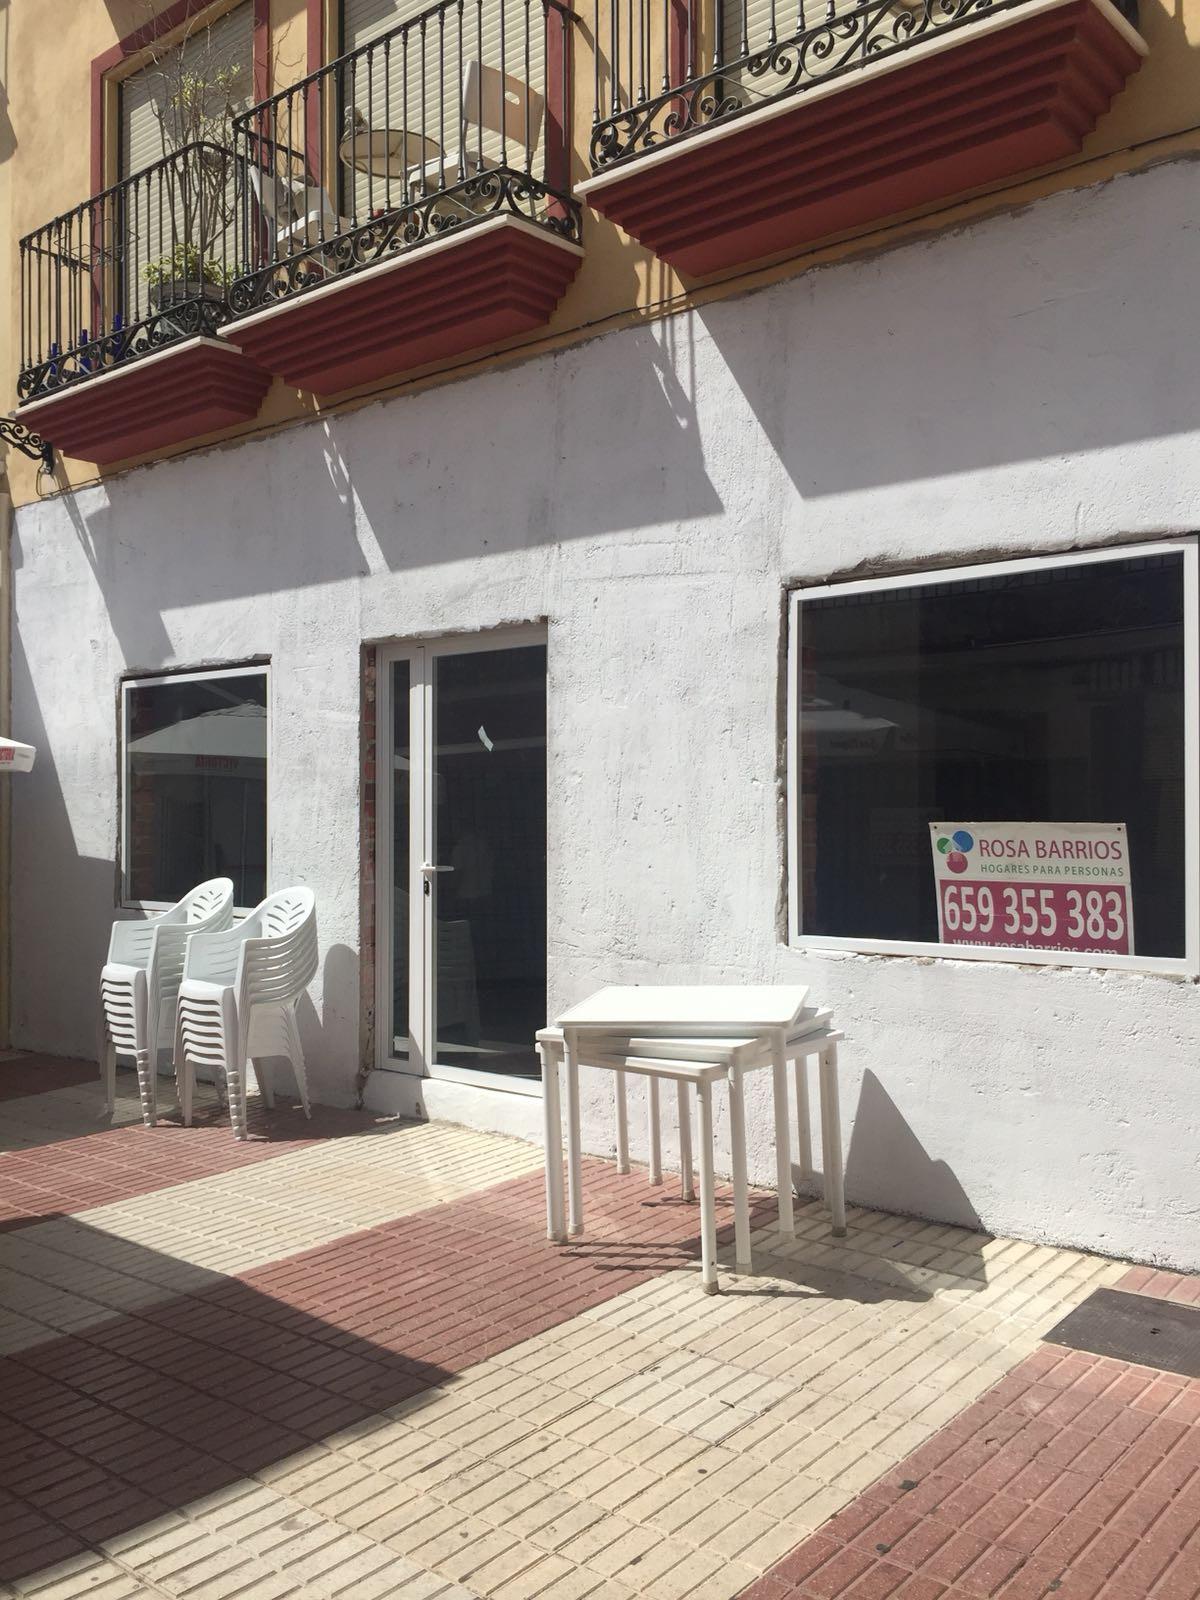 Commercial premises in the center of San Pedro Alcantara 45m2 semi - crude, prepared to open a resta,Spain